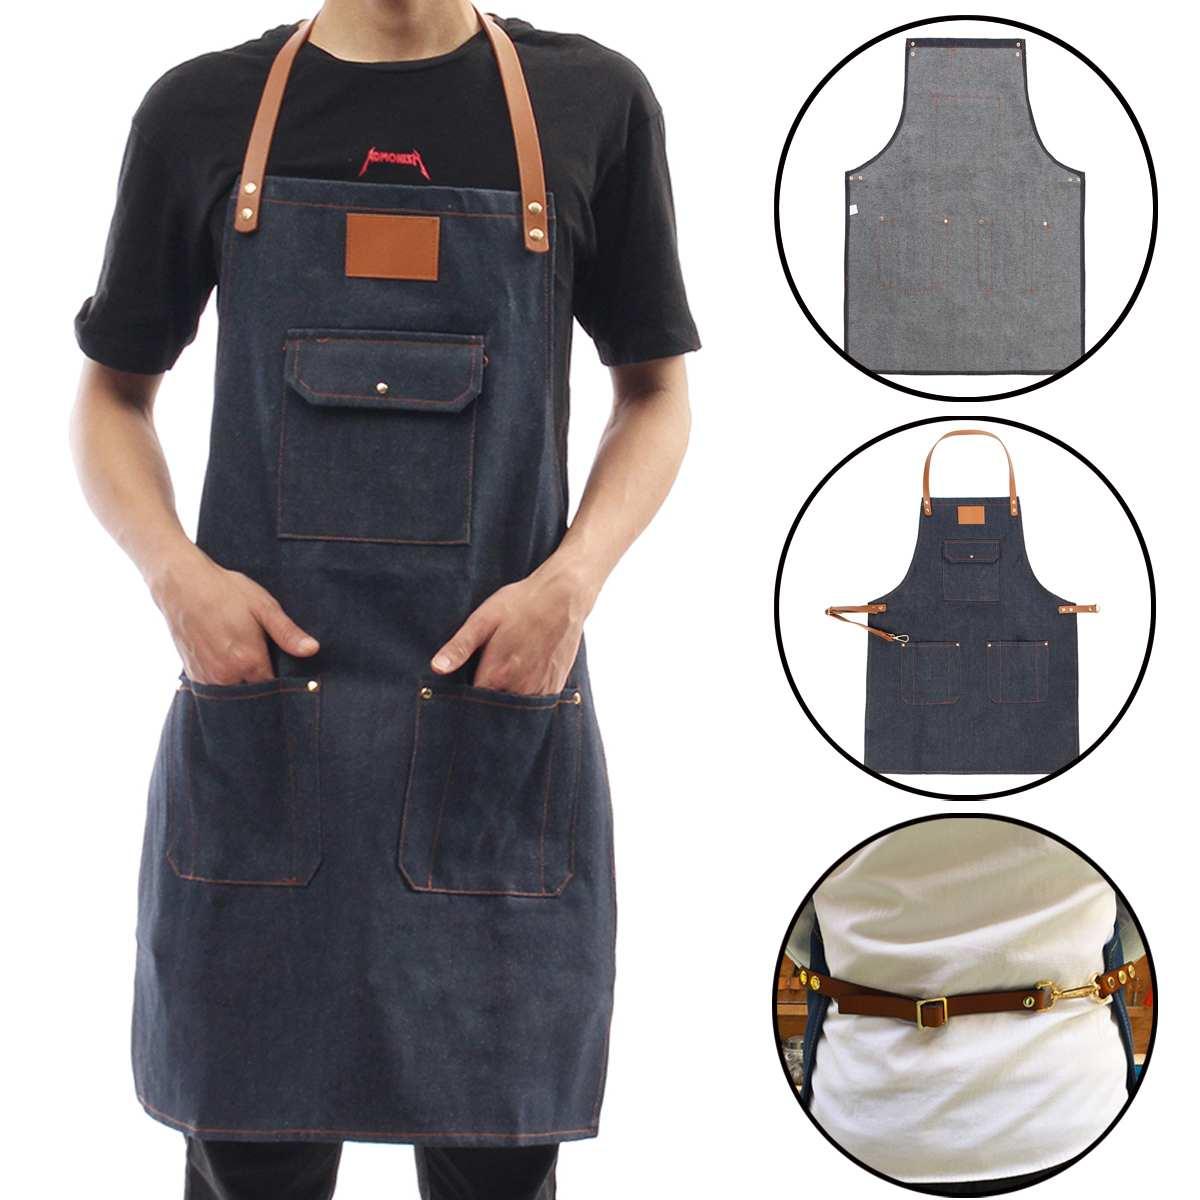 1pcs Blue Denim Simple Aprons Uniform Unisex Adult Fashion Jeans Aprons For Men Ladys Kitchen Cooking Gifts Home & Garden